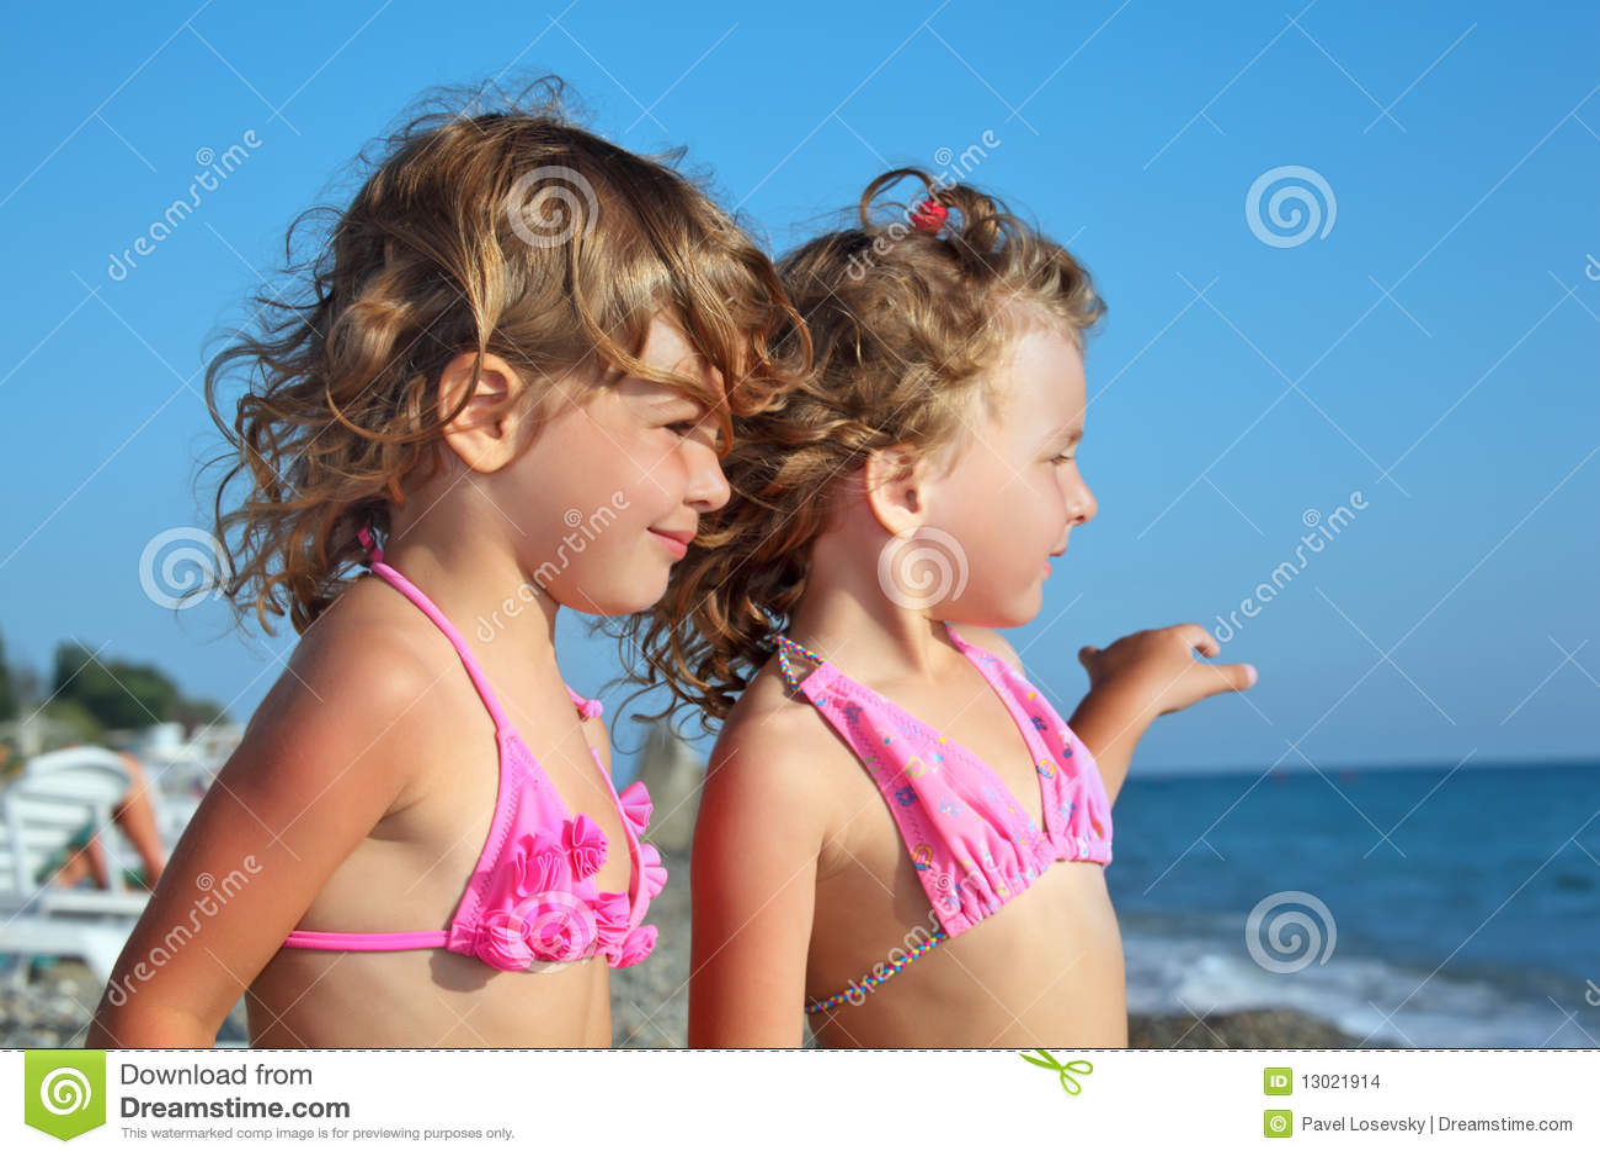 Фото маленькие девочки в стрингах 10 фотография